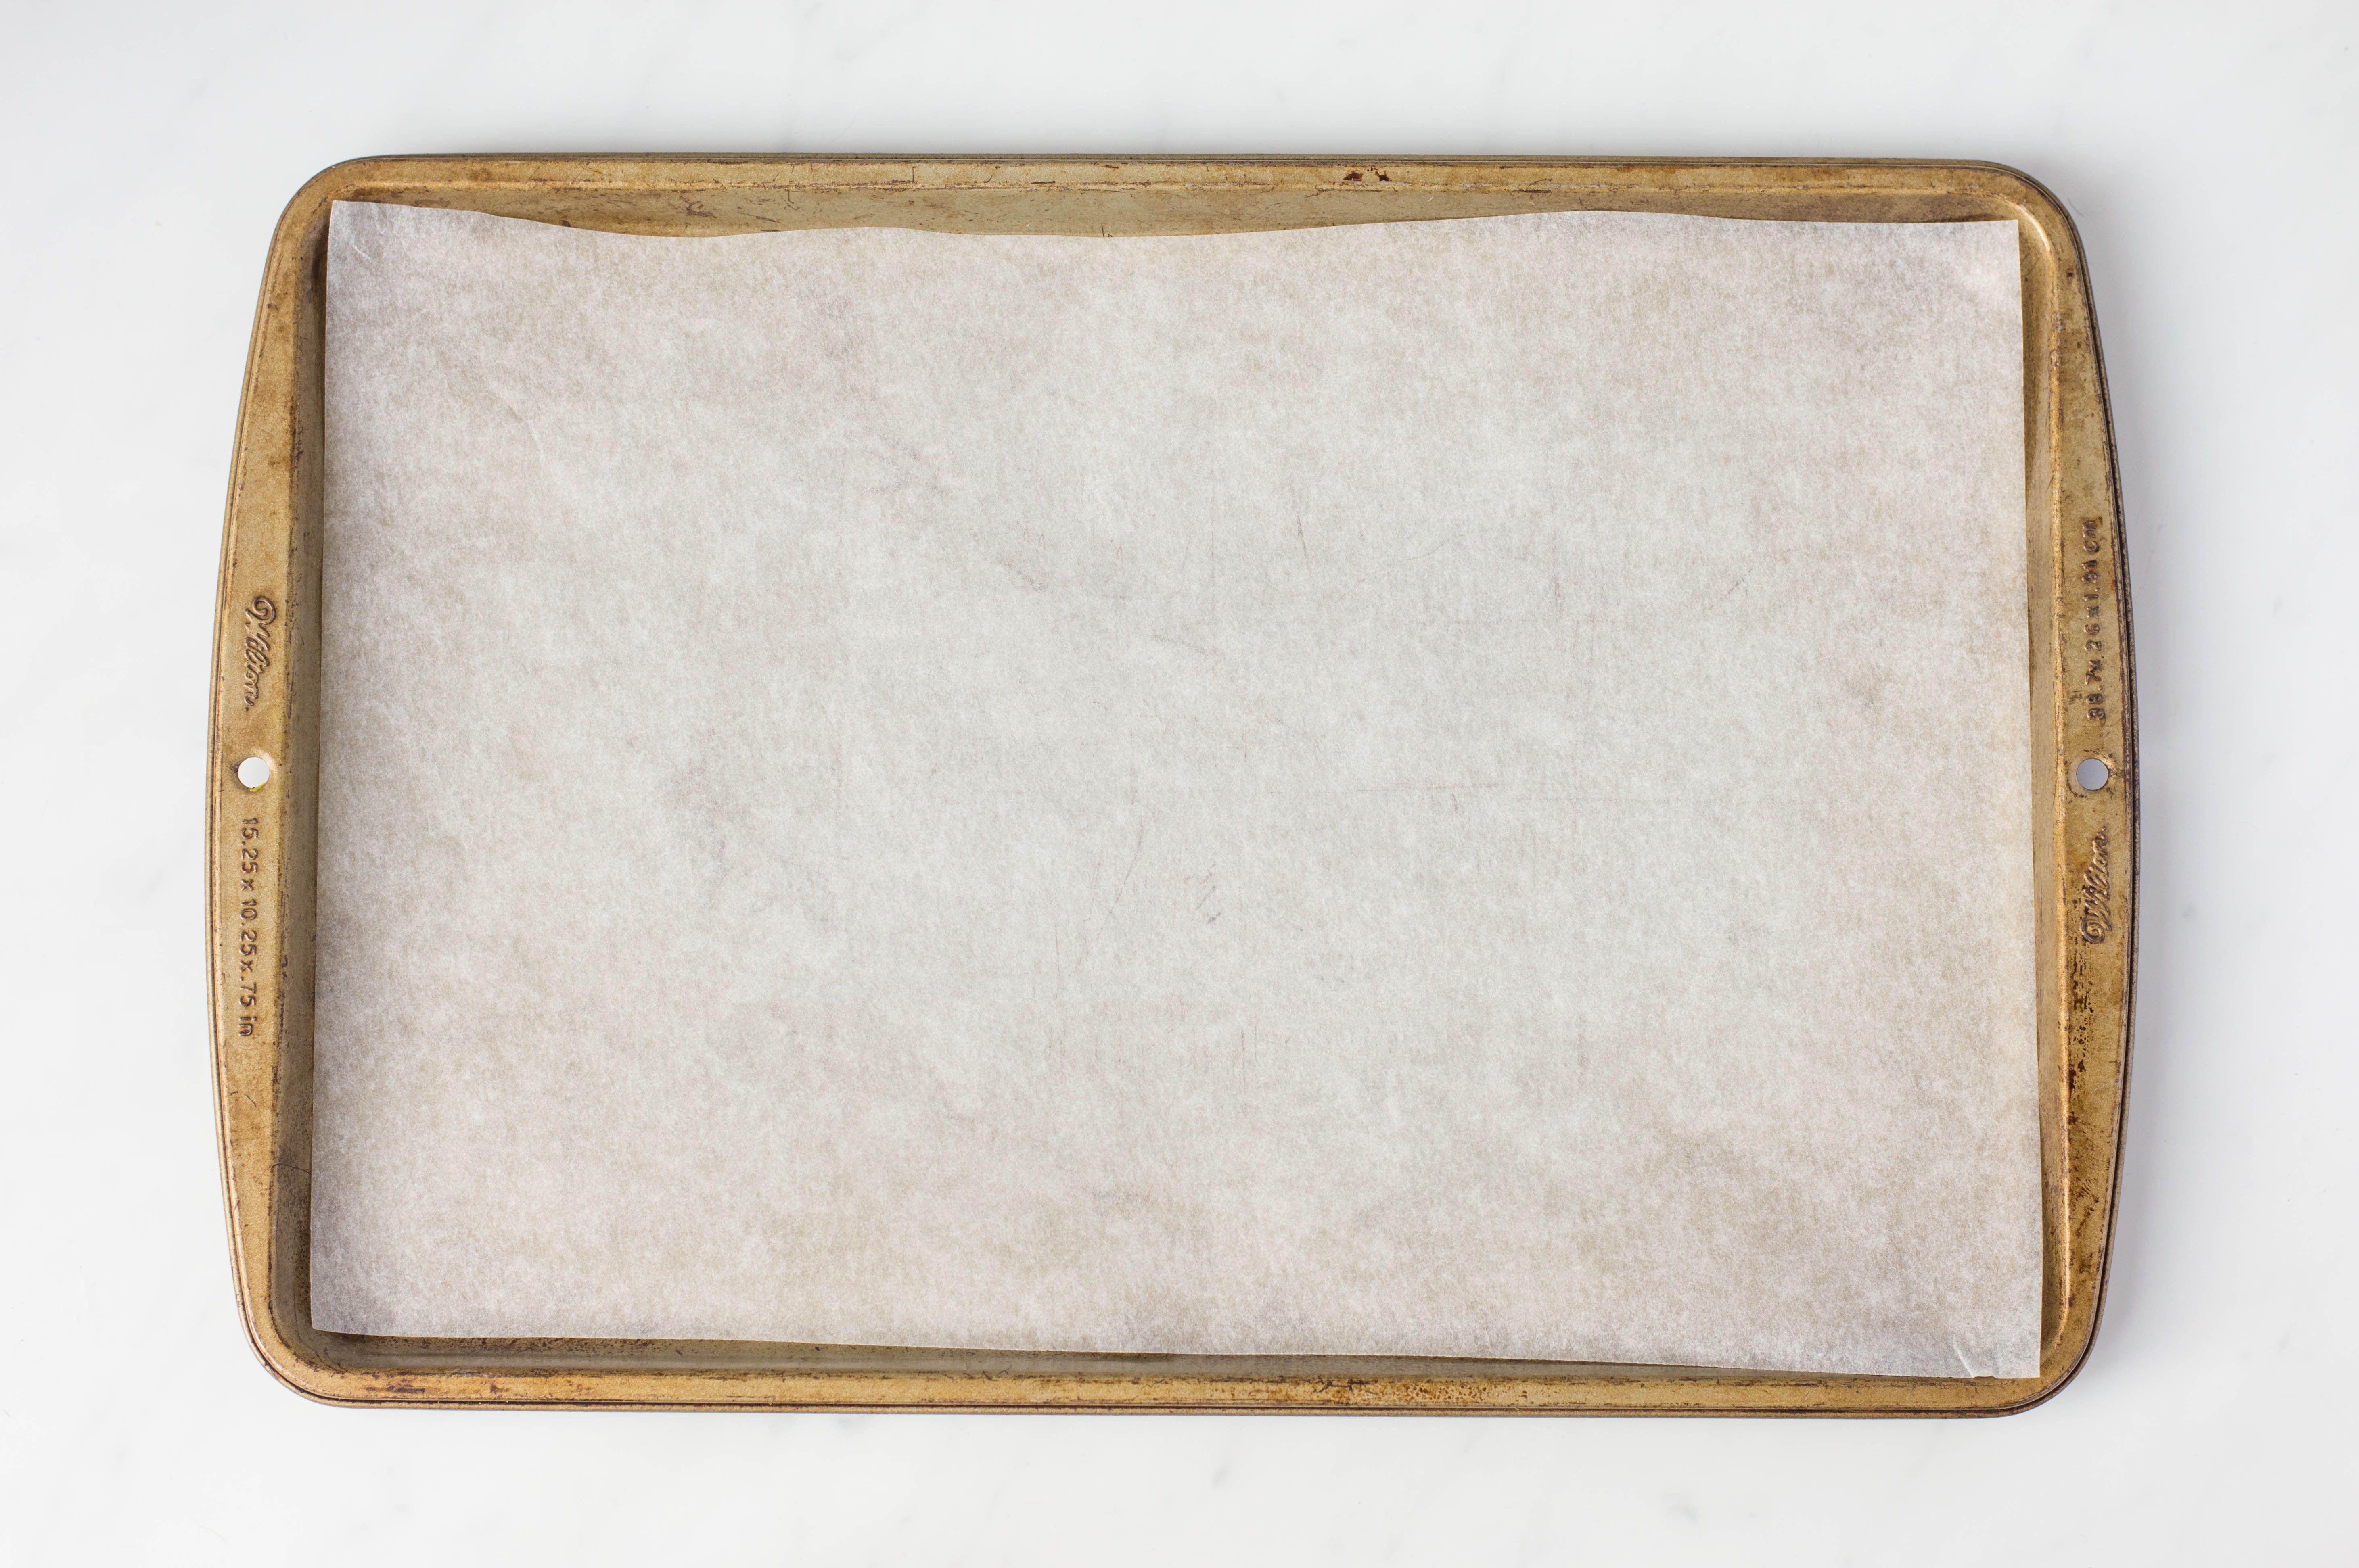 Cover baking sheet